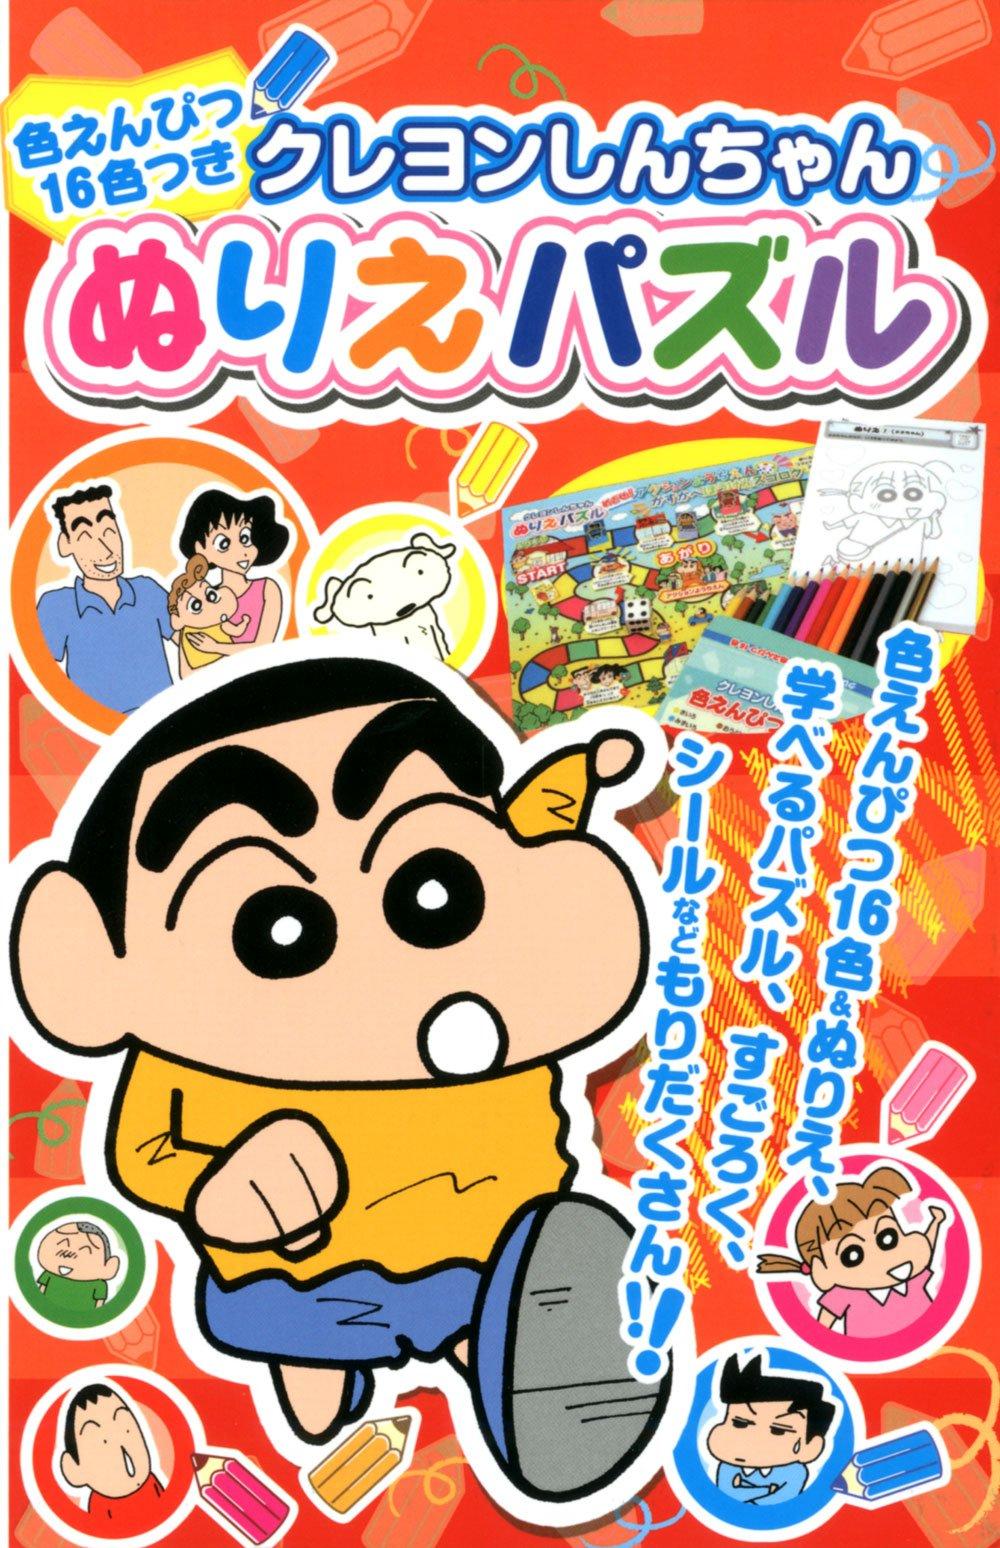 クレヨンしんちゃんぬりえパズル バラエティ リベロスタイル 本